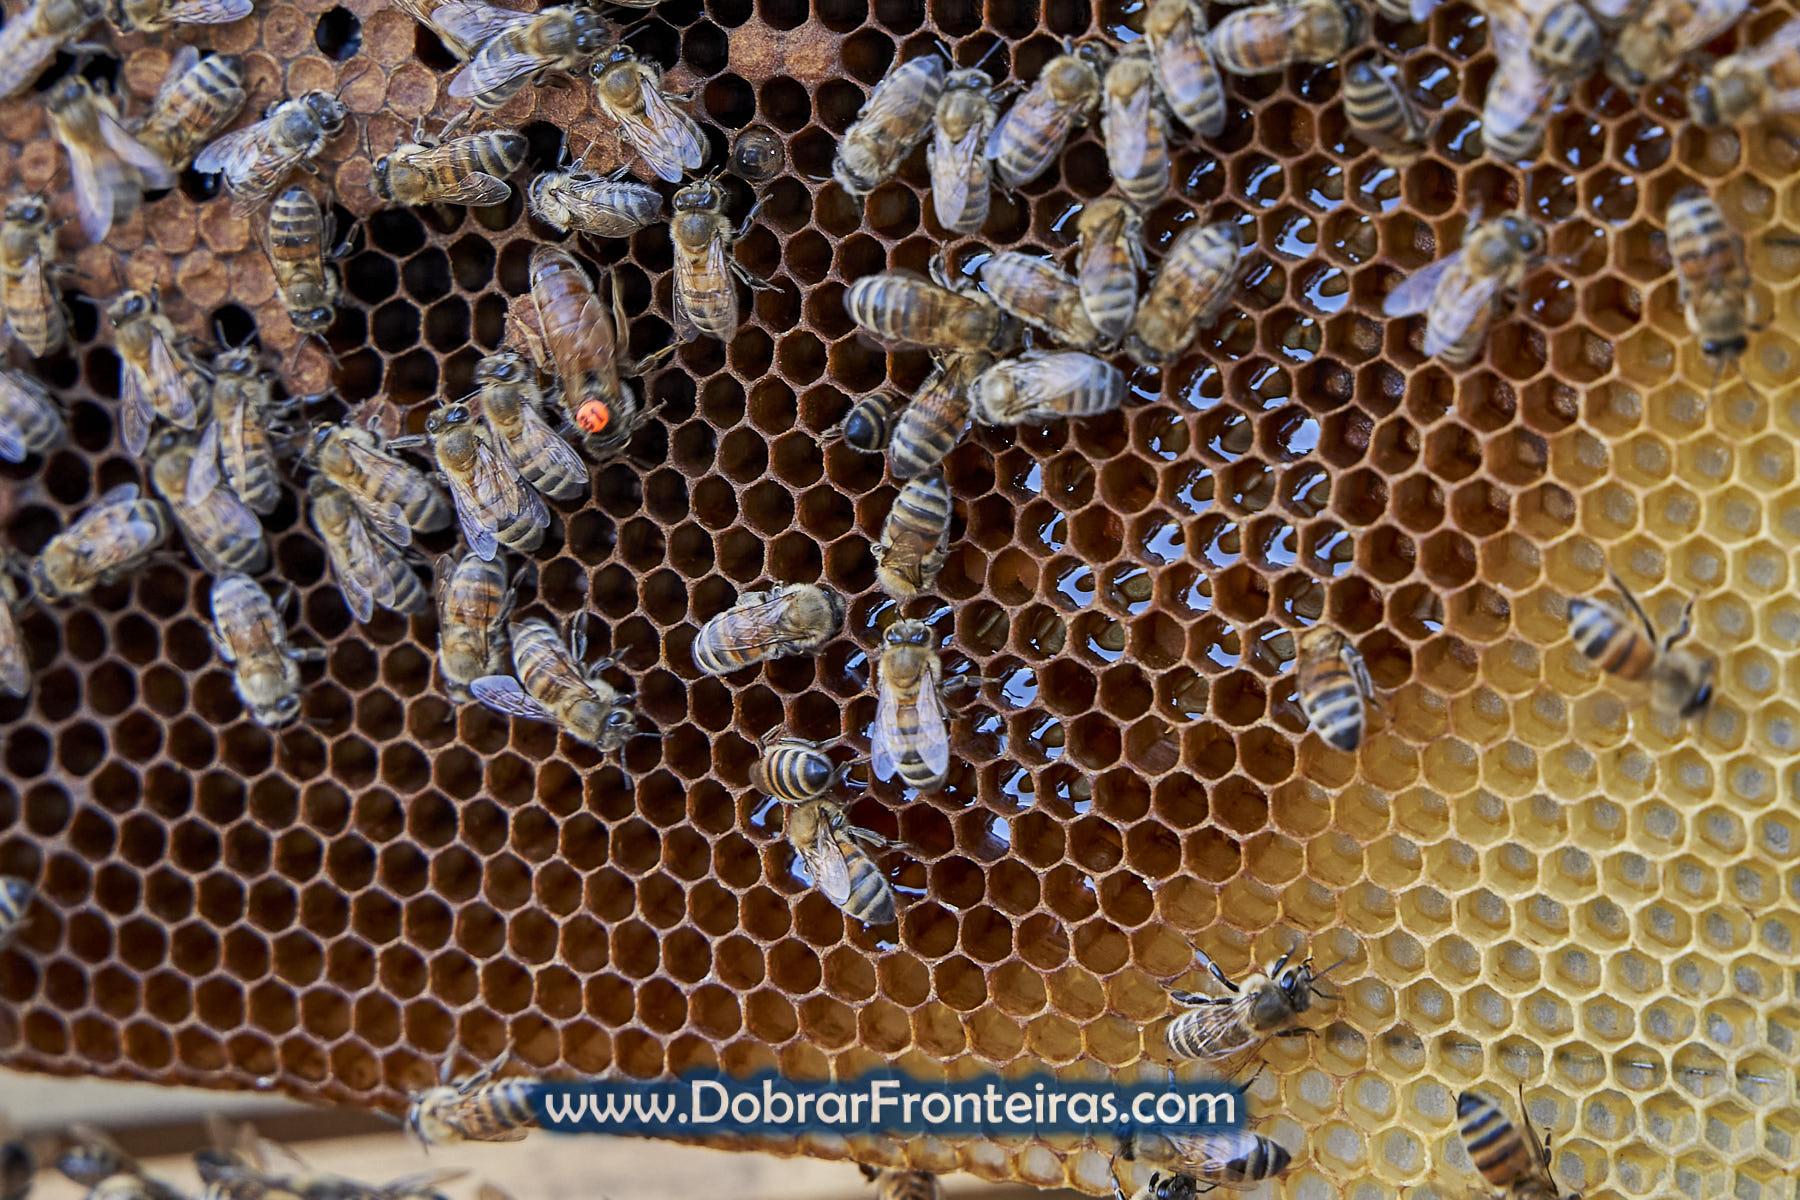 Favos de mel com abelhas e rainha Buckfast